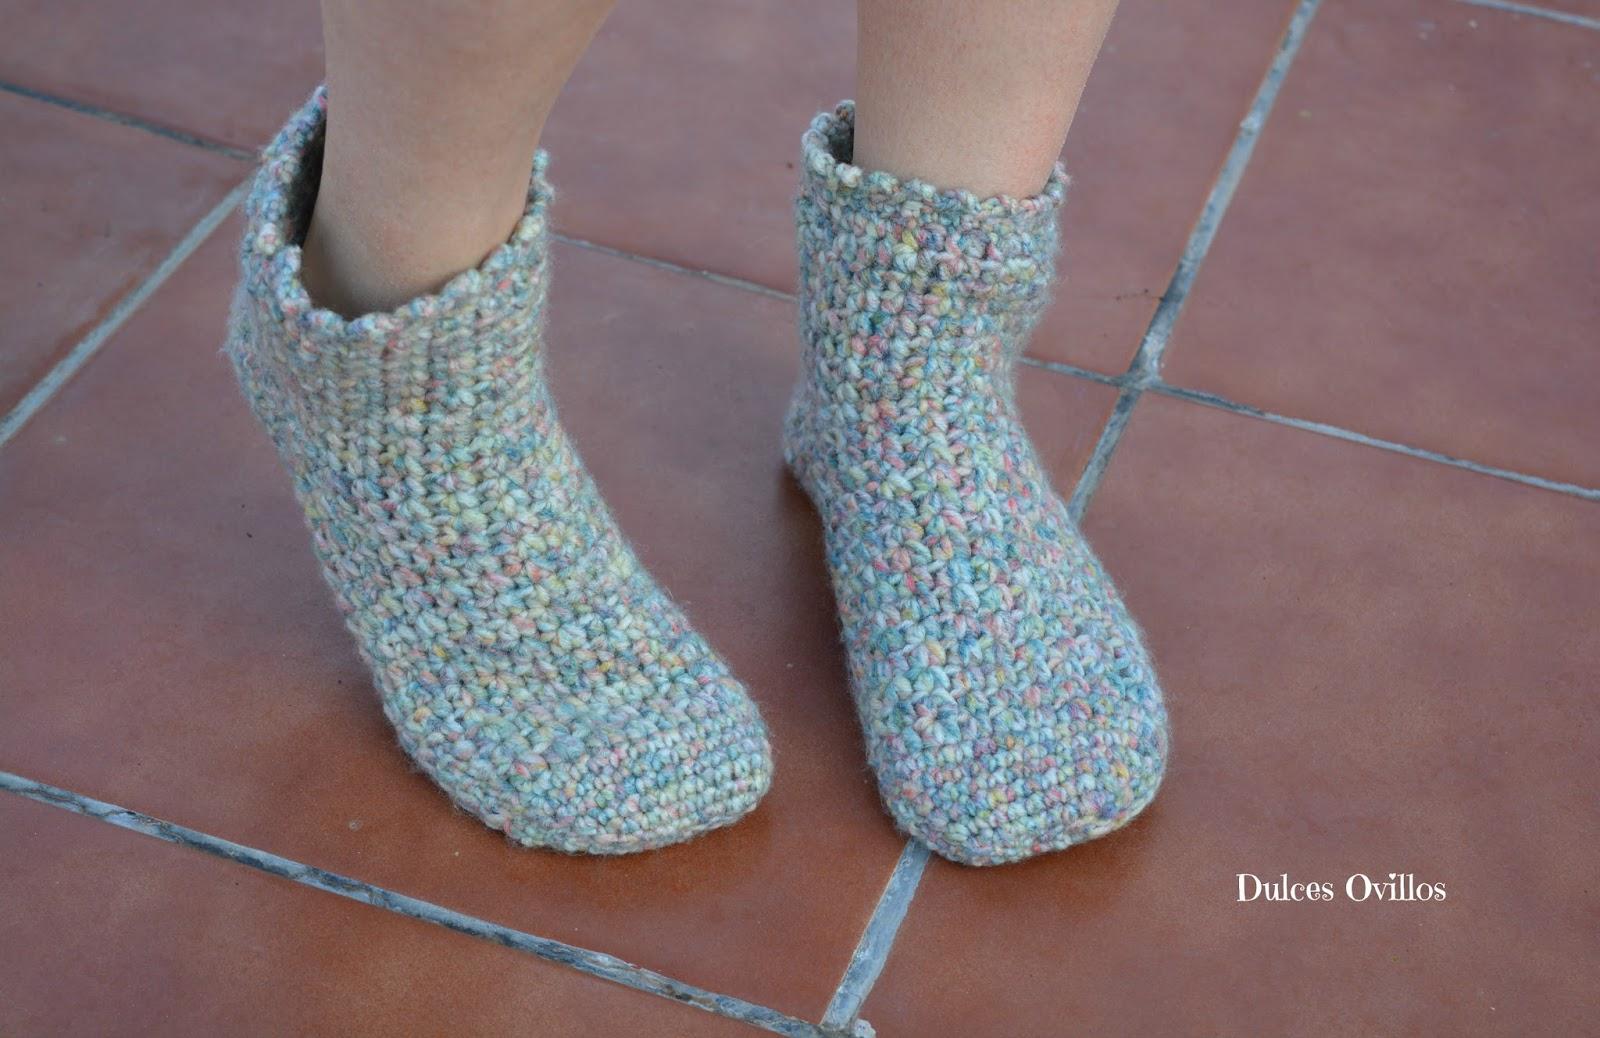 Dulces ovillos calcetines a crochet con lanas rub - Como hacer talon de calcetines de lana ...